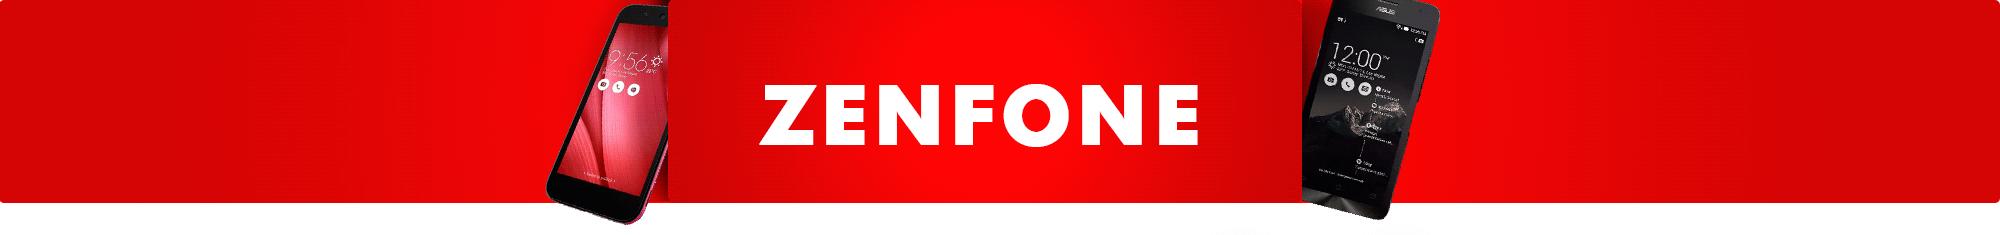 Zenfone 2, 3, 4, 5 em promoção